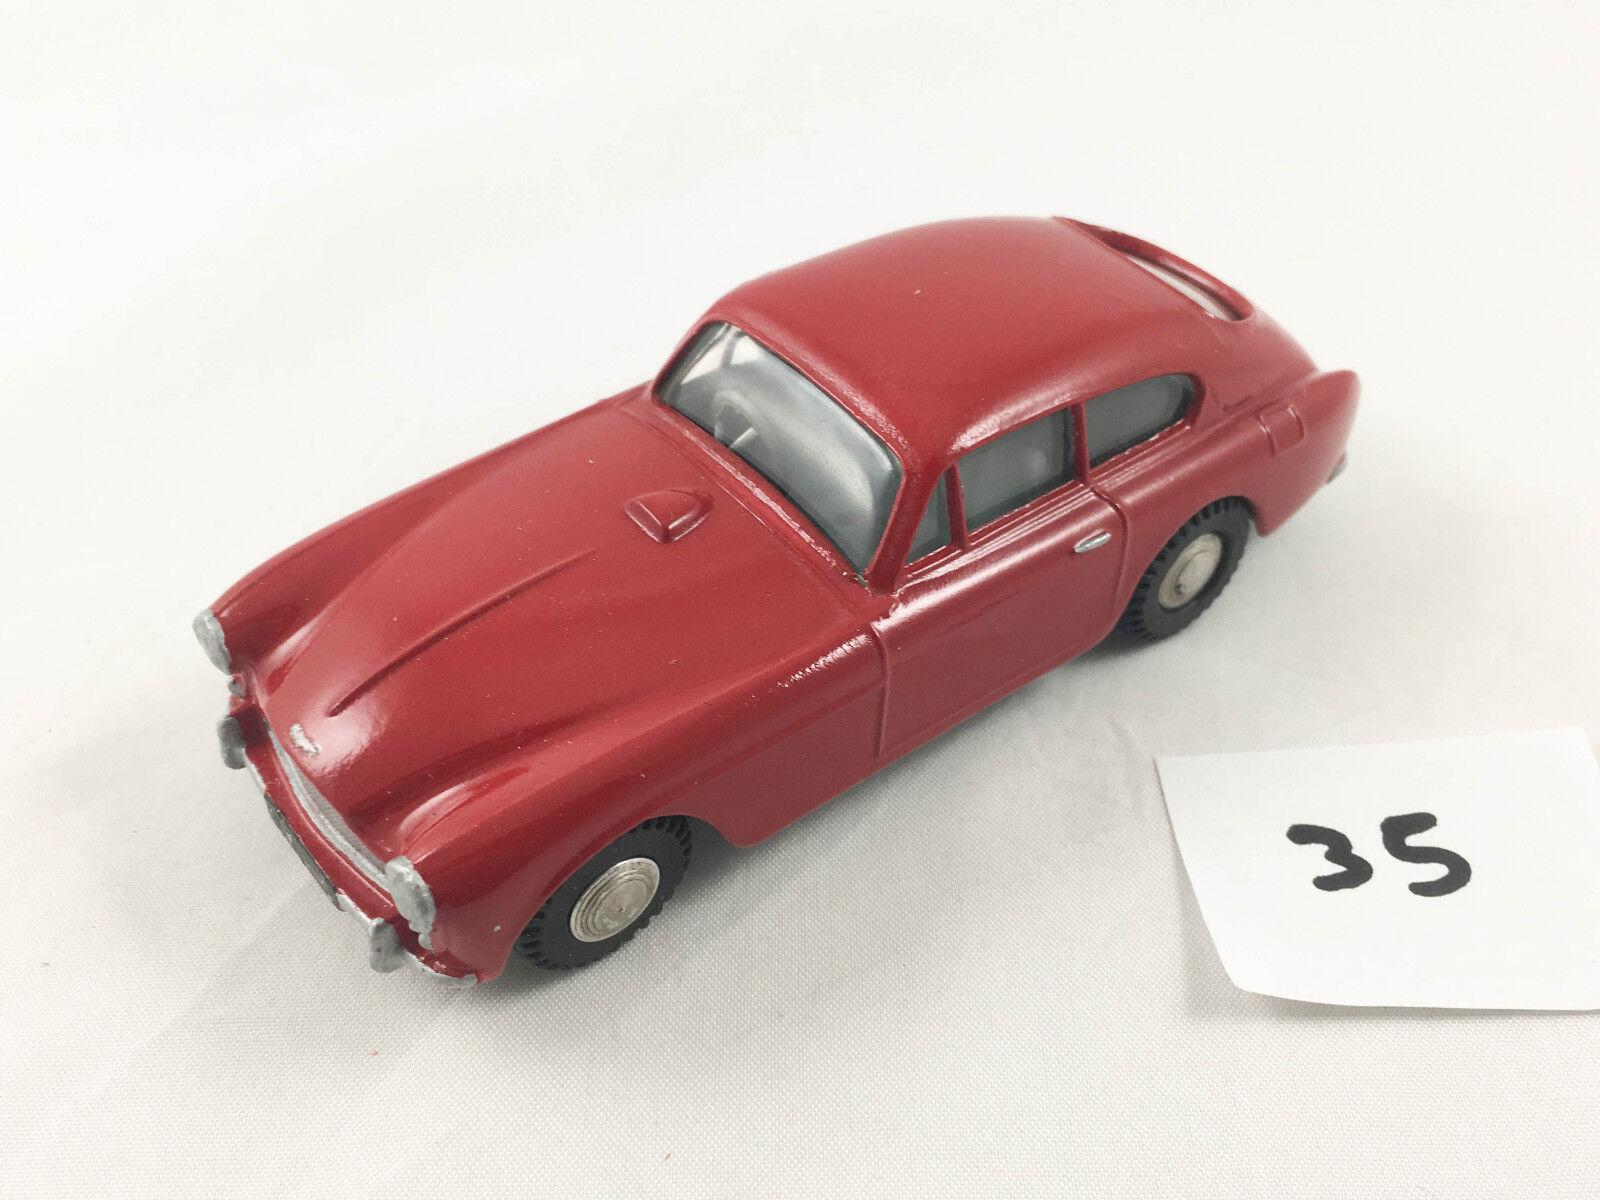 Liebevoll restaurierte selten triang spot-on   113 aston martin db3 auto ursprünglichen nein